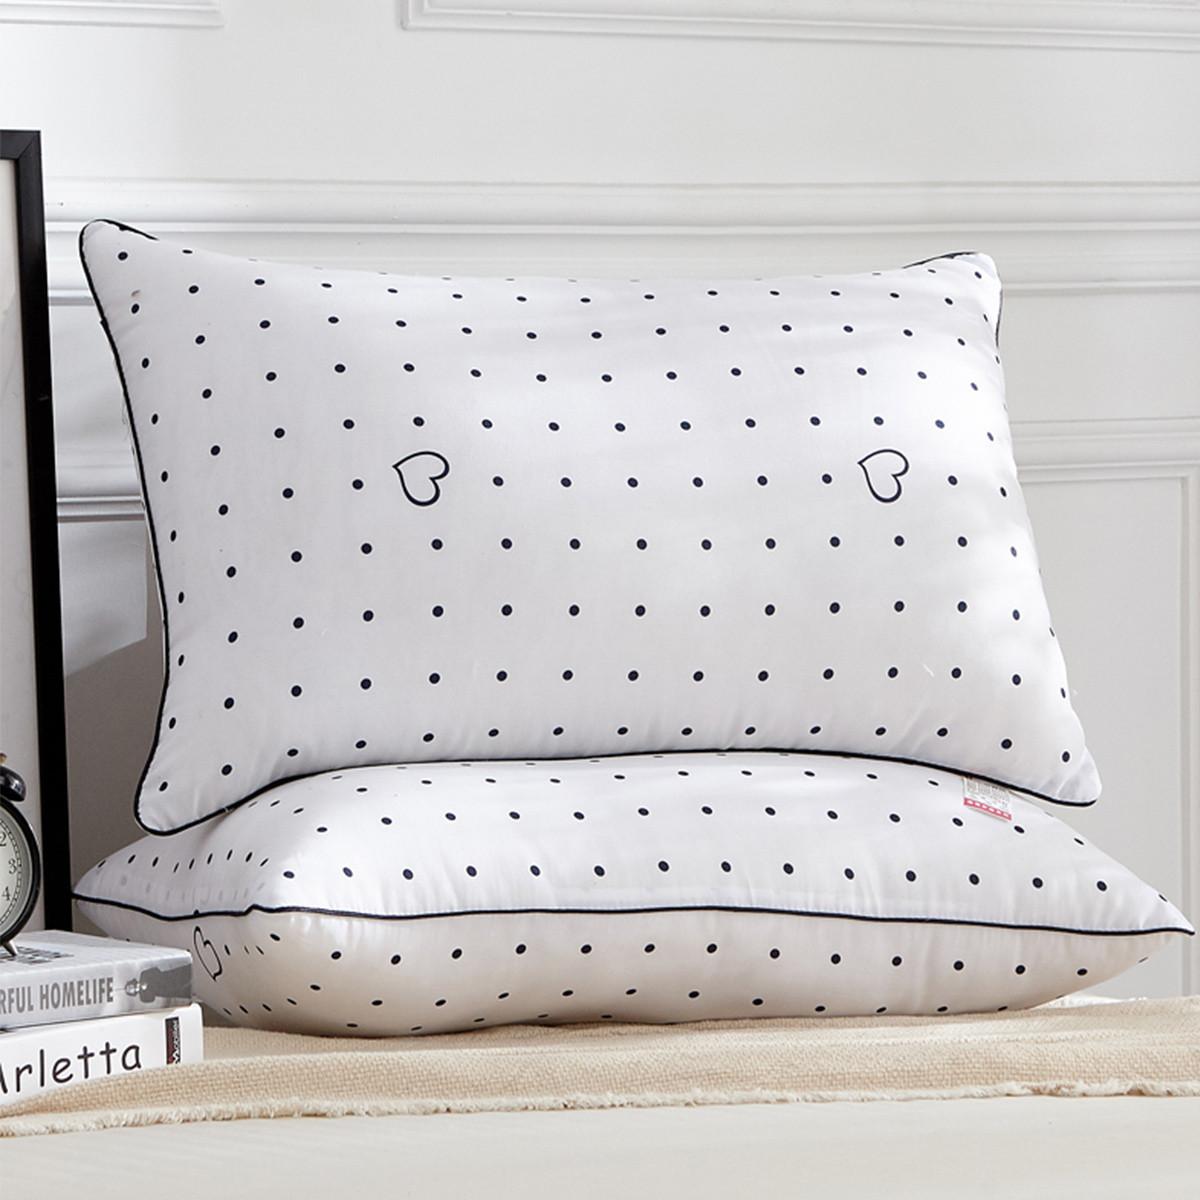 Ramada【年底清仓】柔系列简约舒适枕头羽丝绒护颈枕头芯枕芯枕头COLOR白色